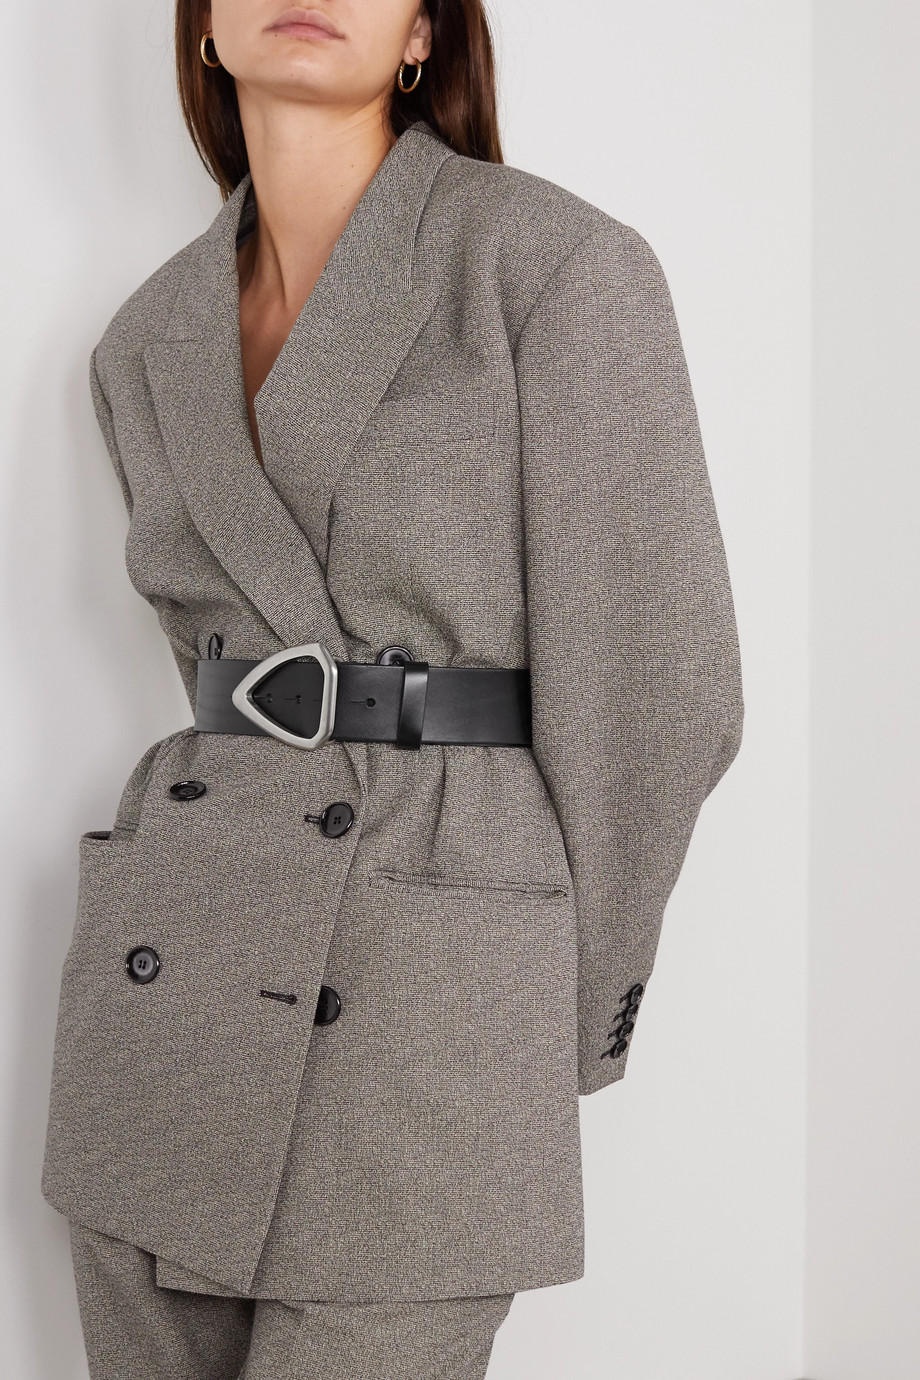 Isabel Marant Idiani leather waist belt